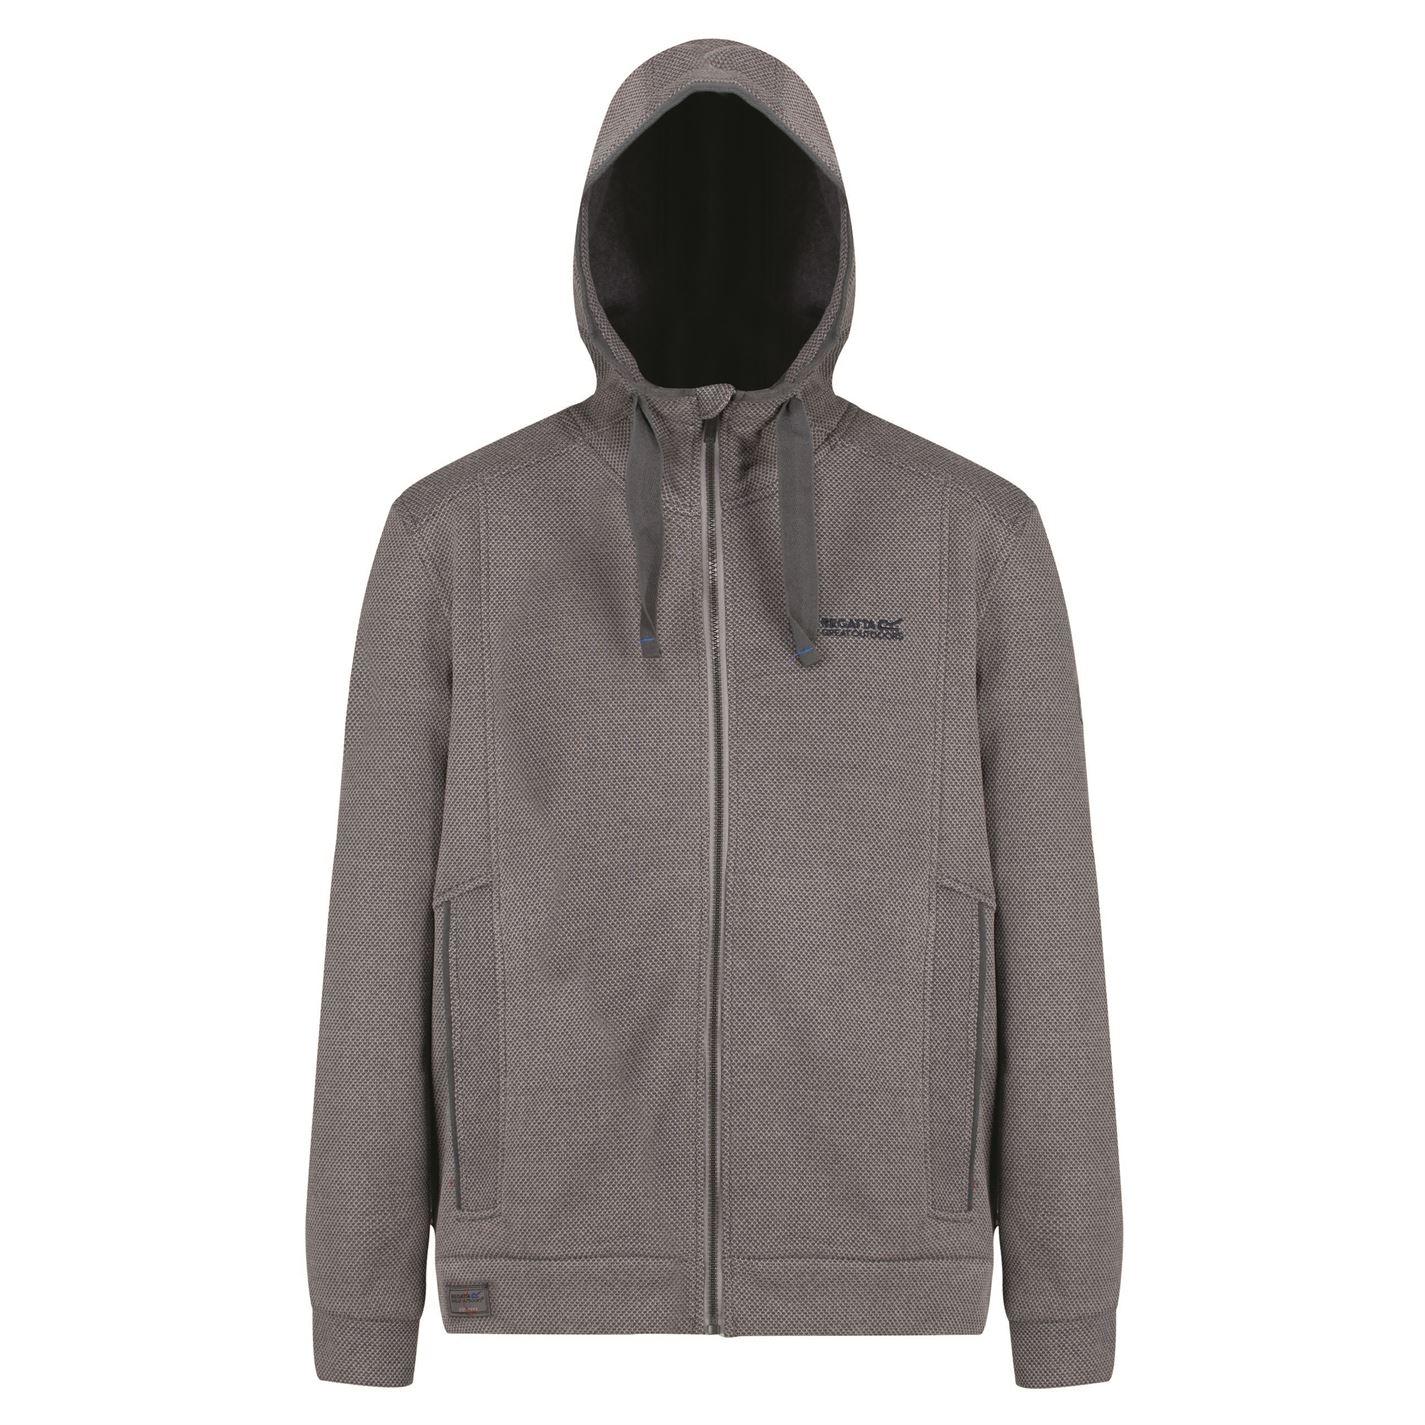 Regatta Langdon Fleece Jacket Mens